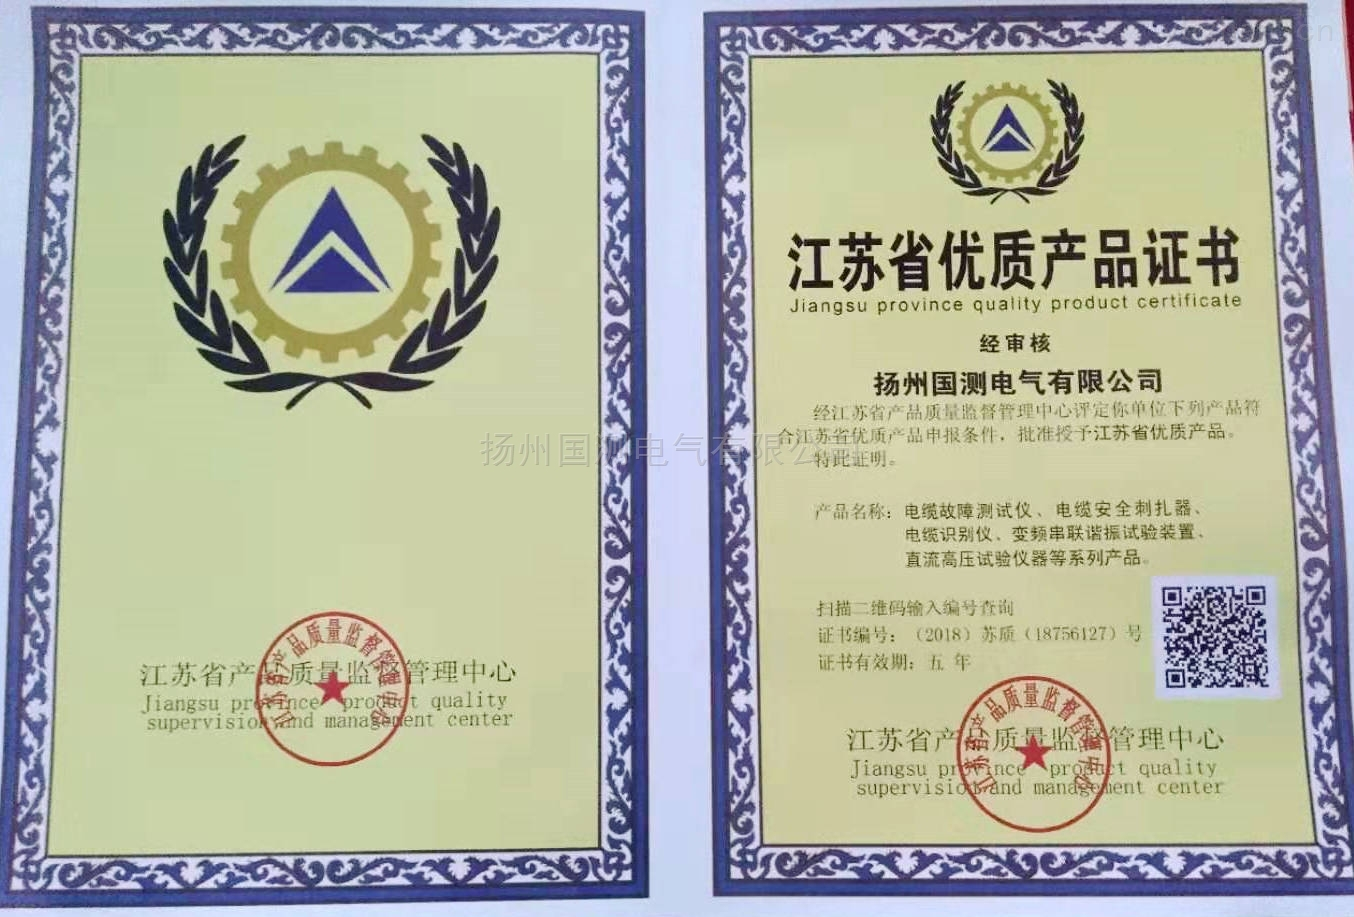 江苏省产品证书